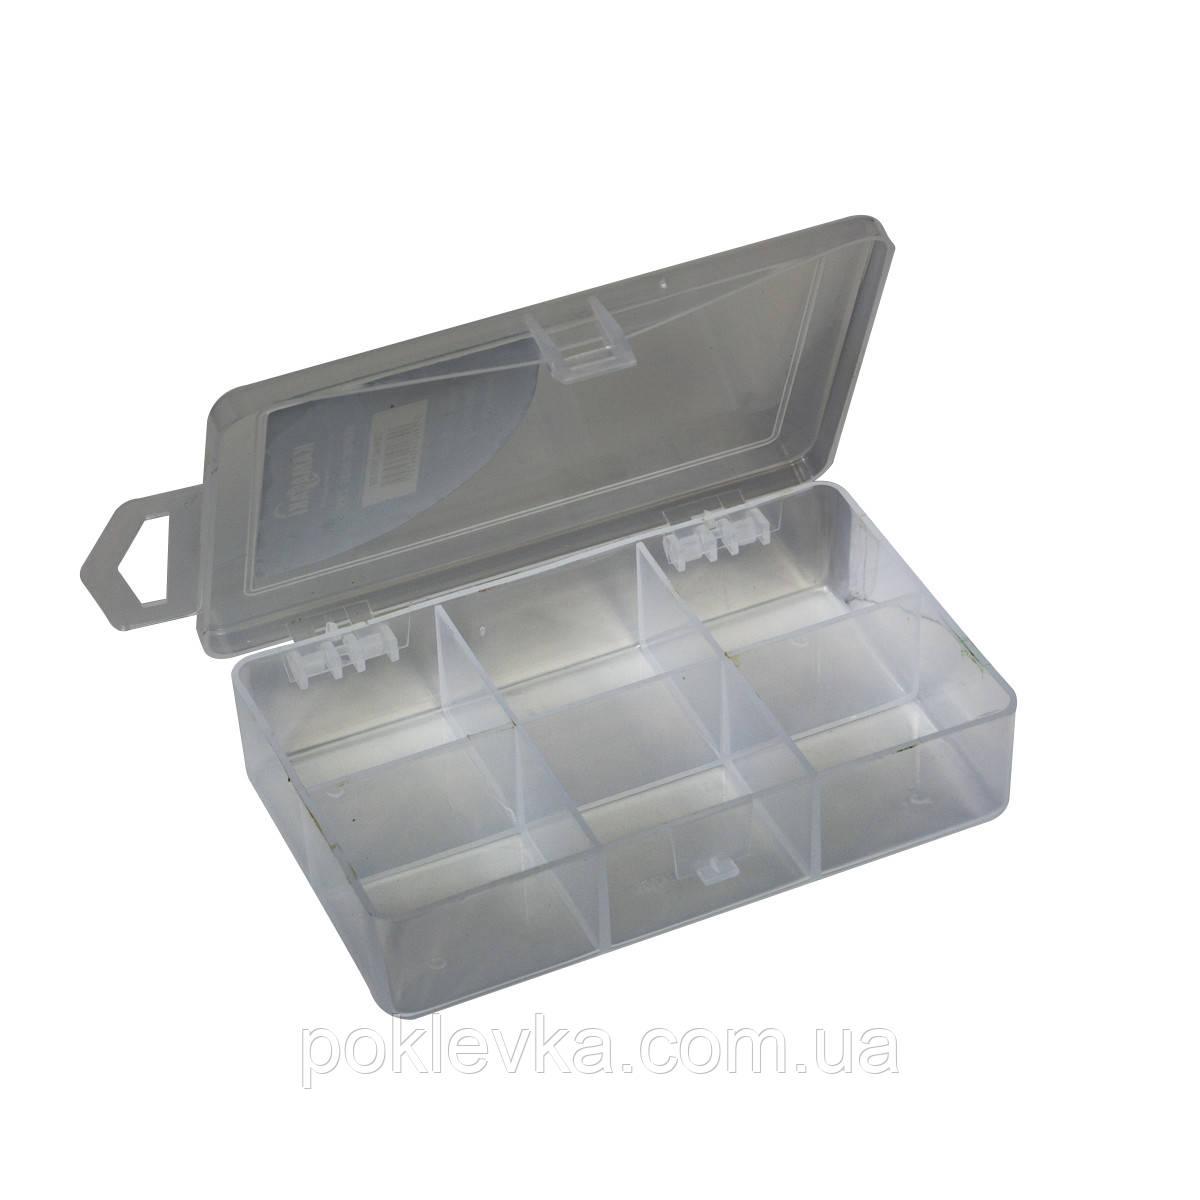 Коробка Kamasaki Superbox M0310B 11,8x7,5x2,5см